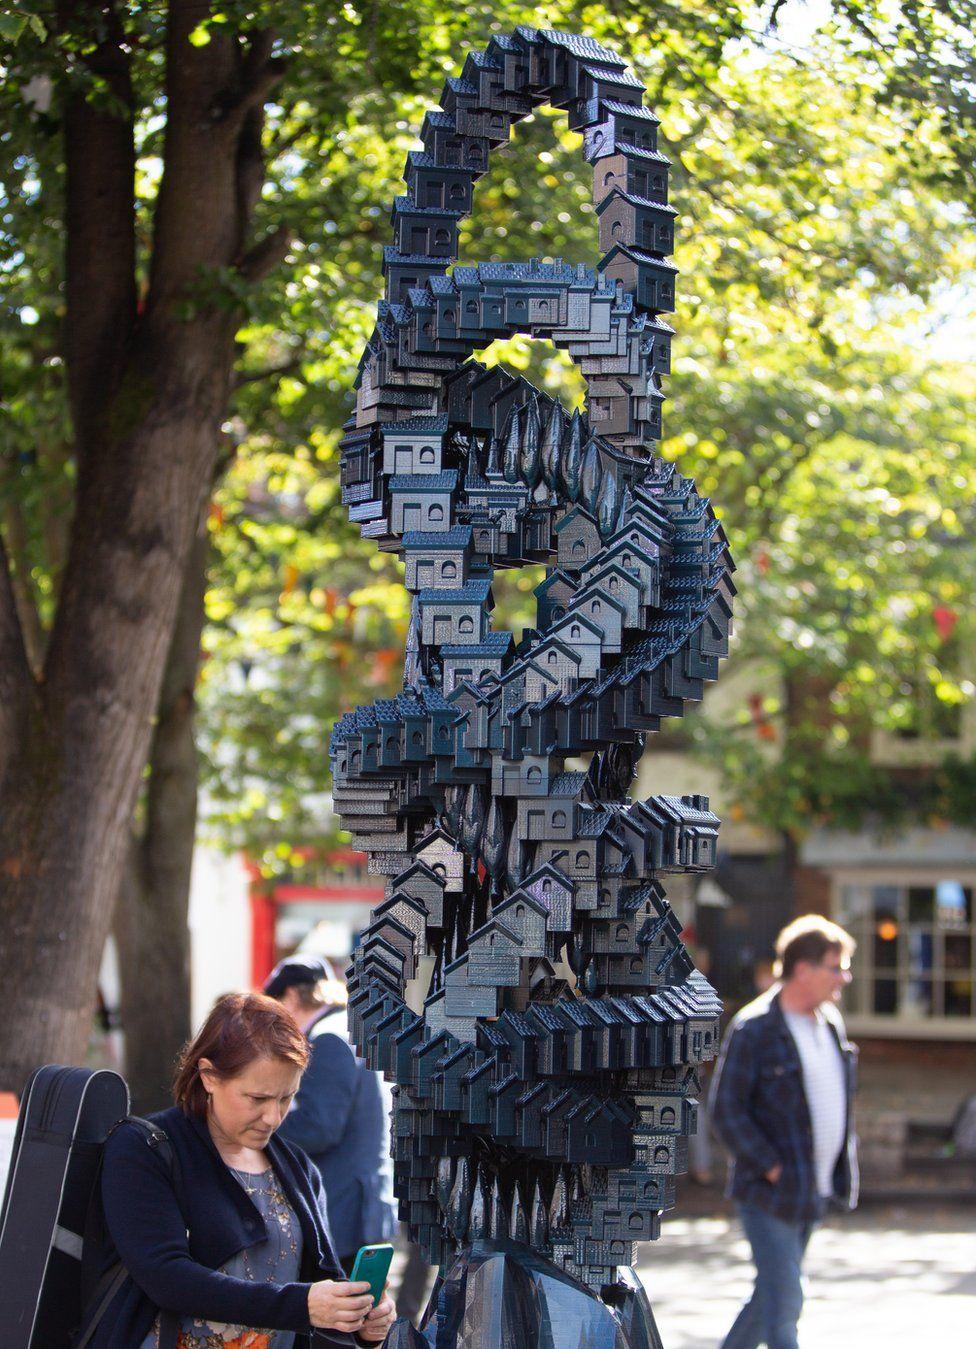 Matthew Plummer Fernandez's Token Homes sculpture